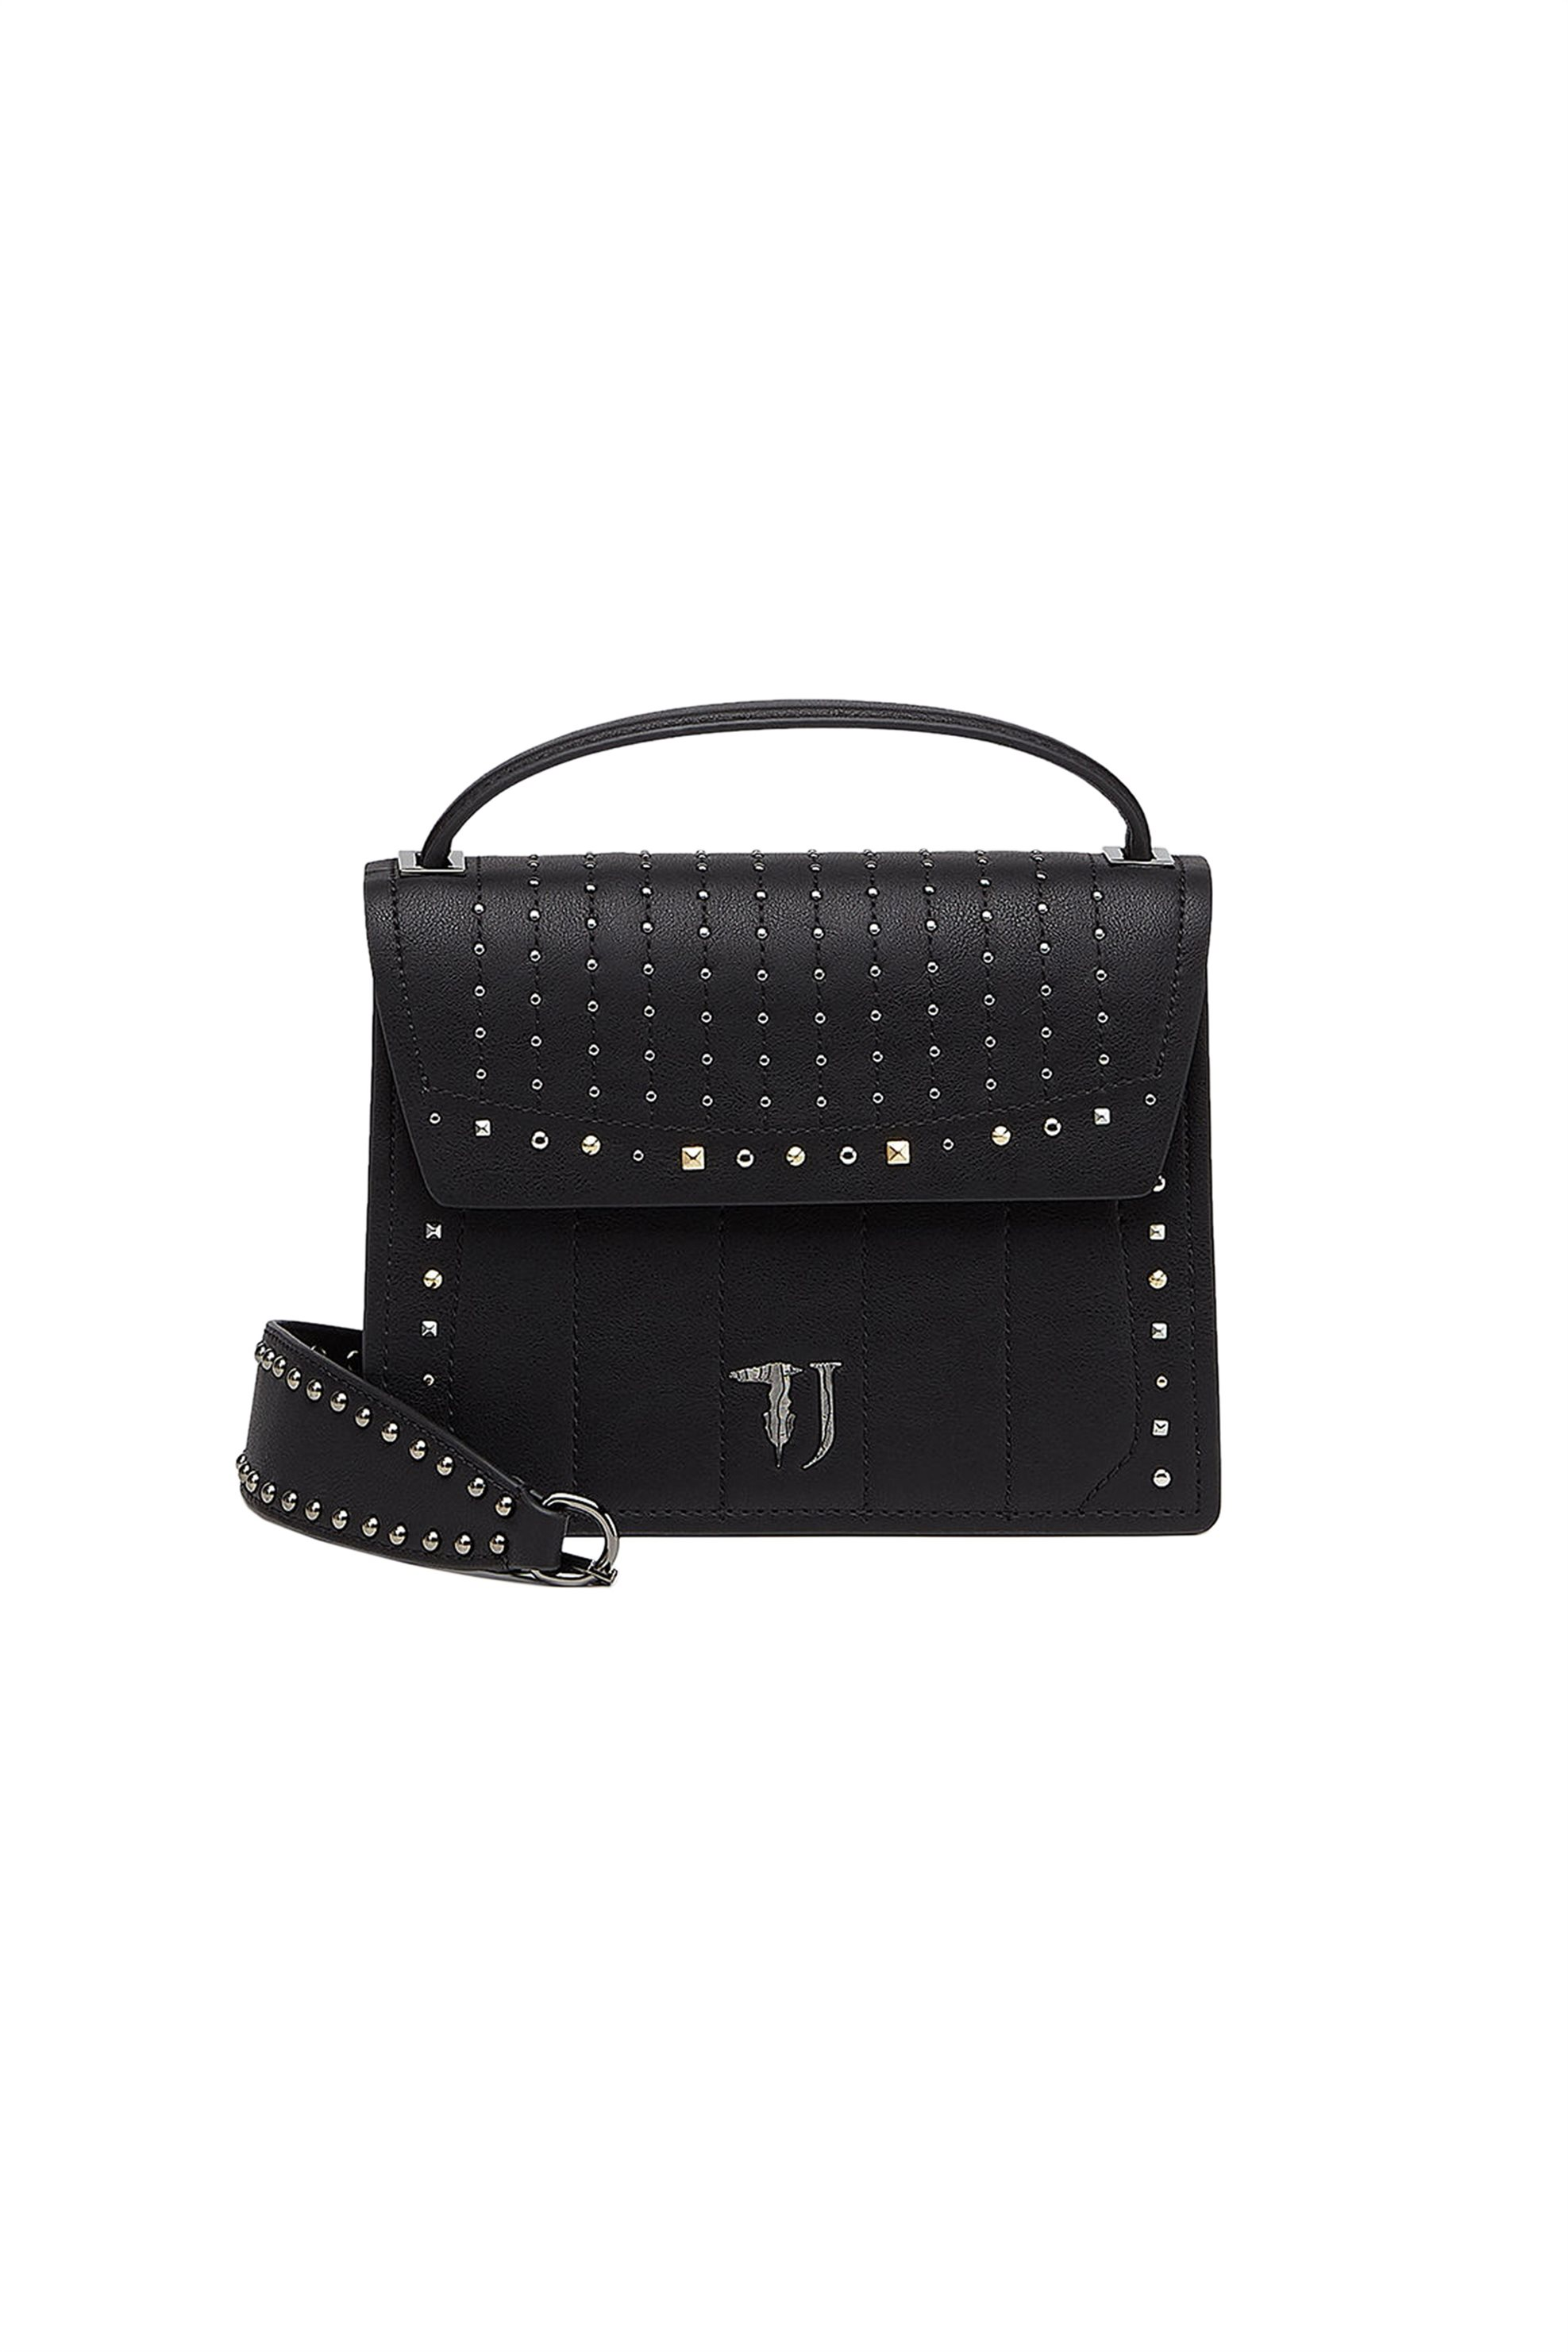 Trussardi Jeans τσάντα χειρός mini Curcuma καπιτονέ - 75B00510-9Y099999 - Μαύρο γυναικα   τσαντεσ   τσάντες χειρός